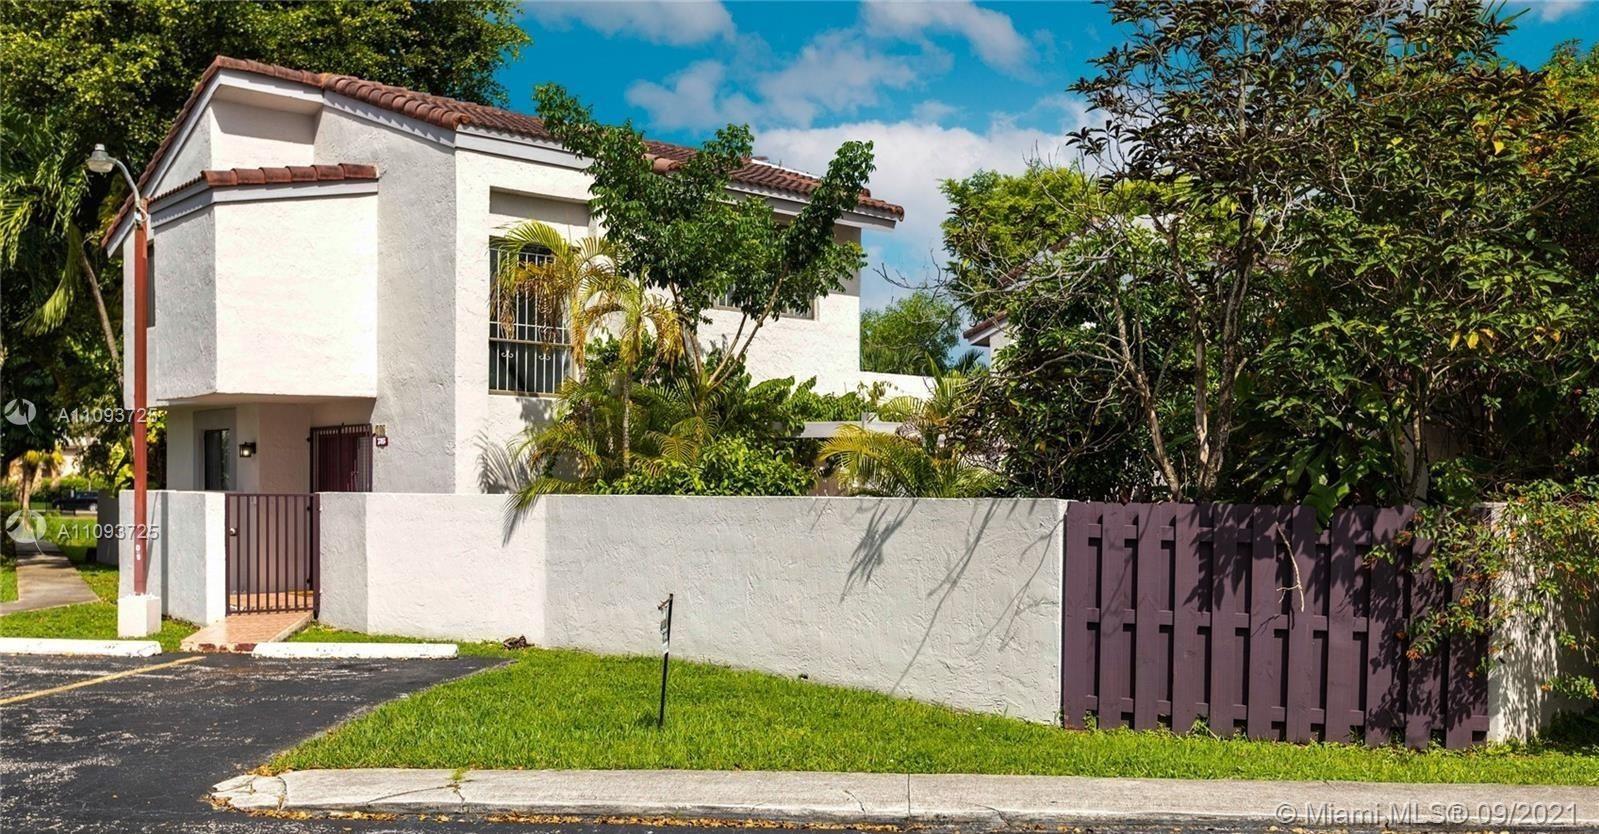 746 NW 106th Ave #B1-1, Miami, FL 33172 - #: A11093725